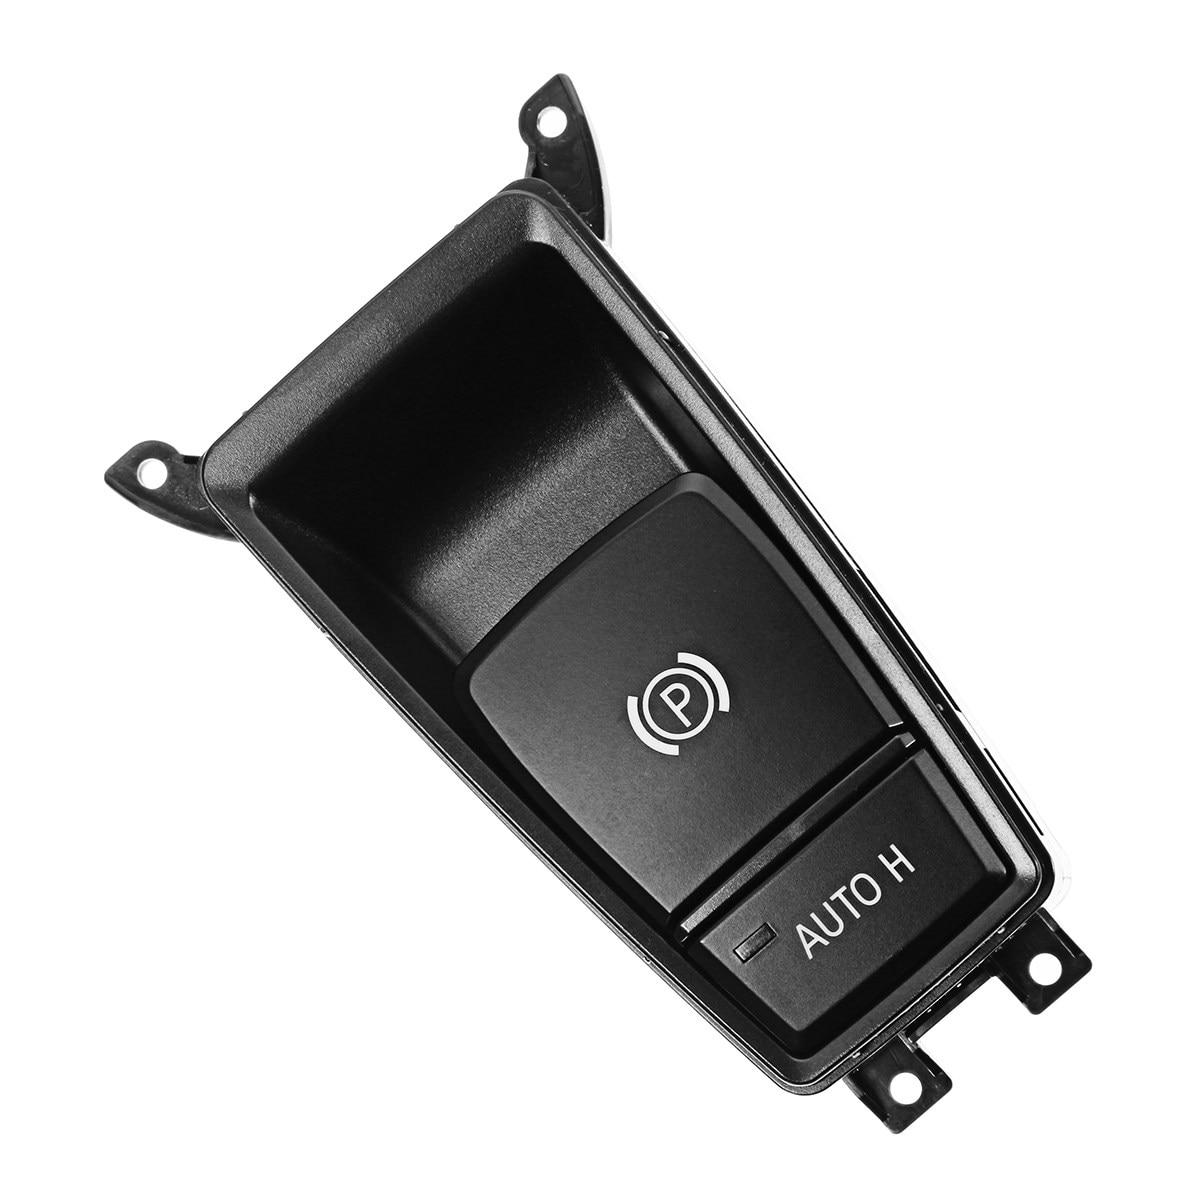 Interrupteur de commande de frein de stationnement EMF de voiture pour BMW E70 X5 E71 E72 X6 OE 61319148508